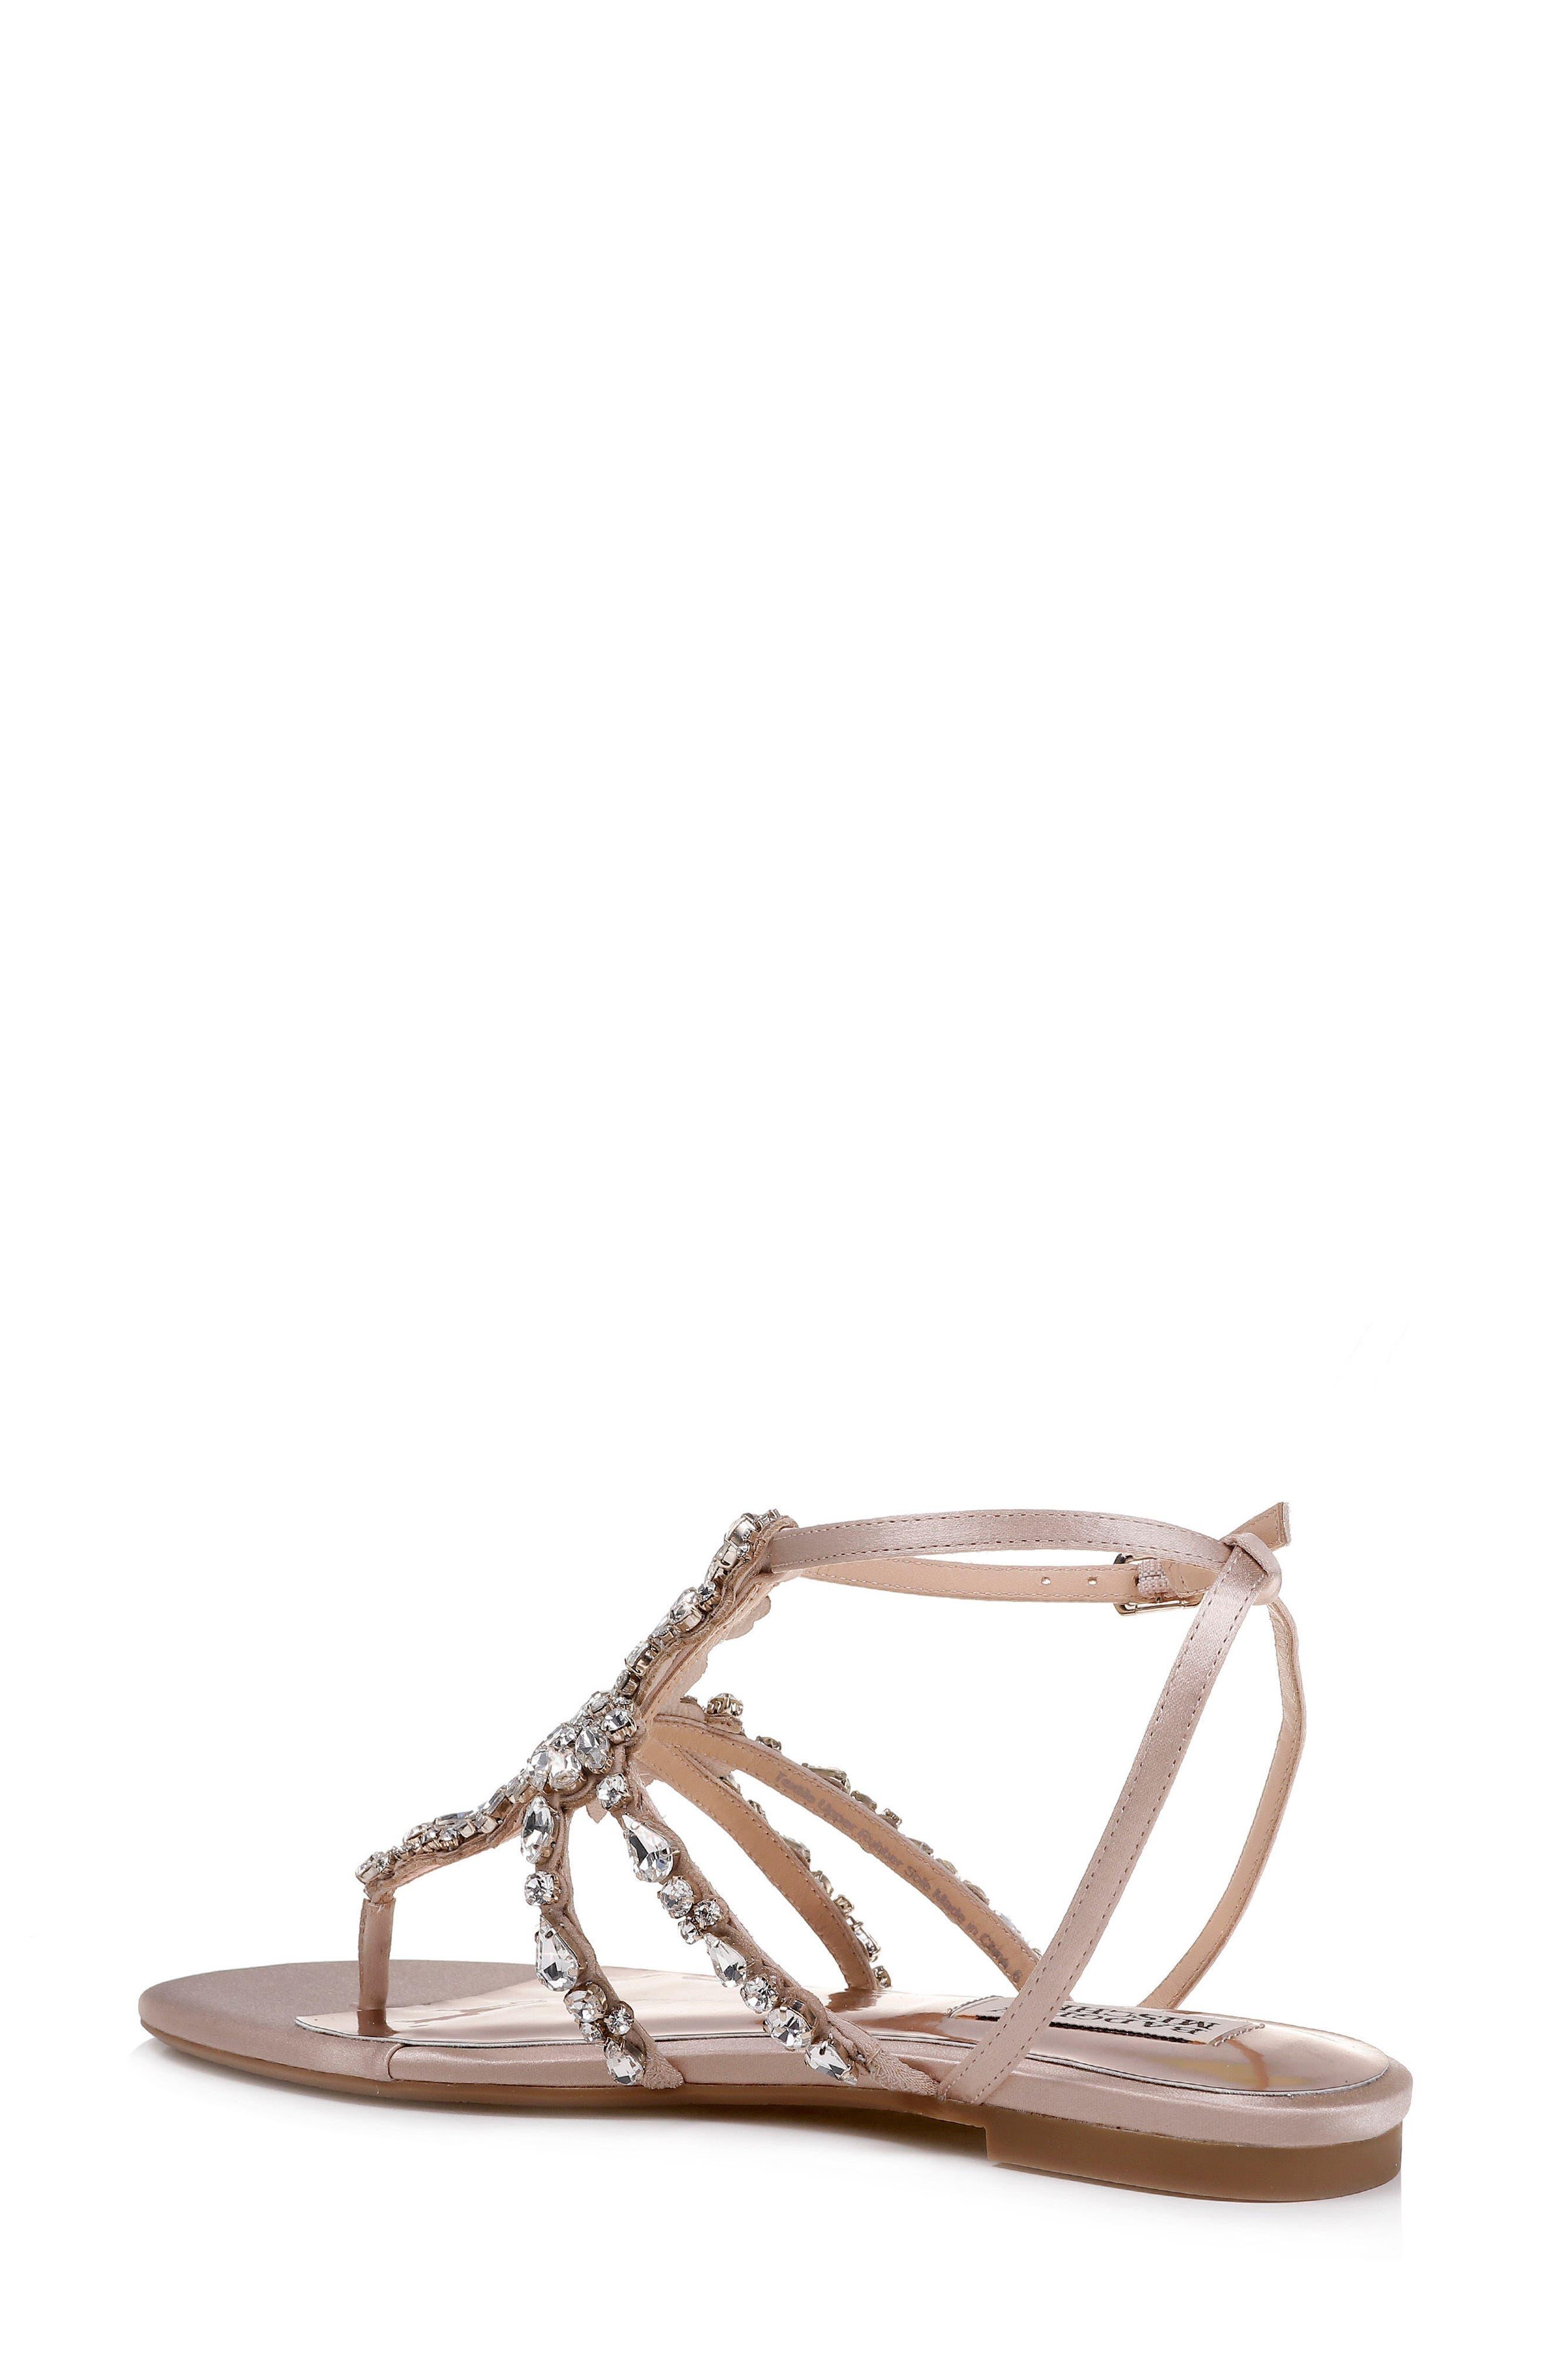 Hampden Crystal Embellished Sandal,                             Alternate thumbnail 2, color,                             LATTE SATIN